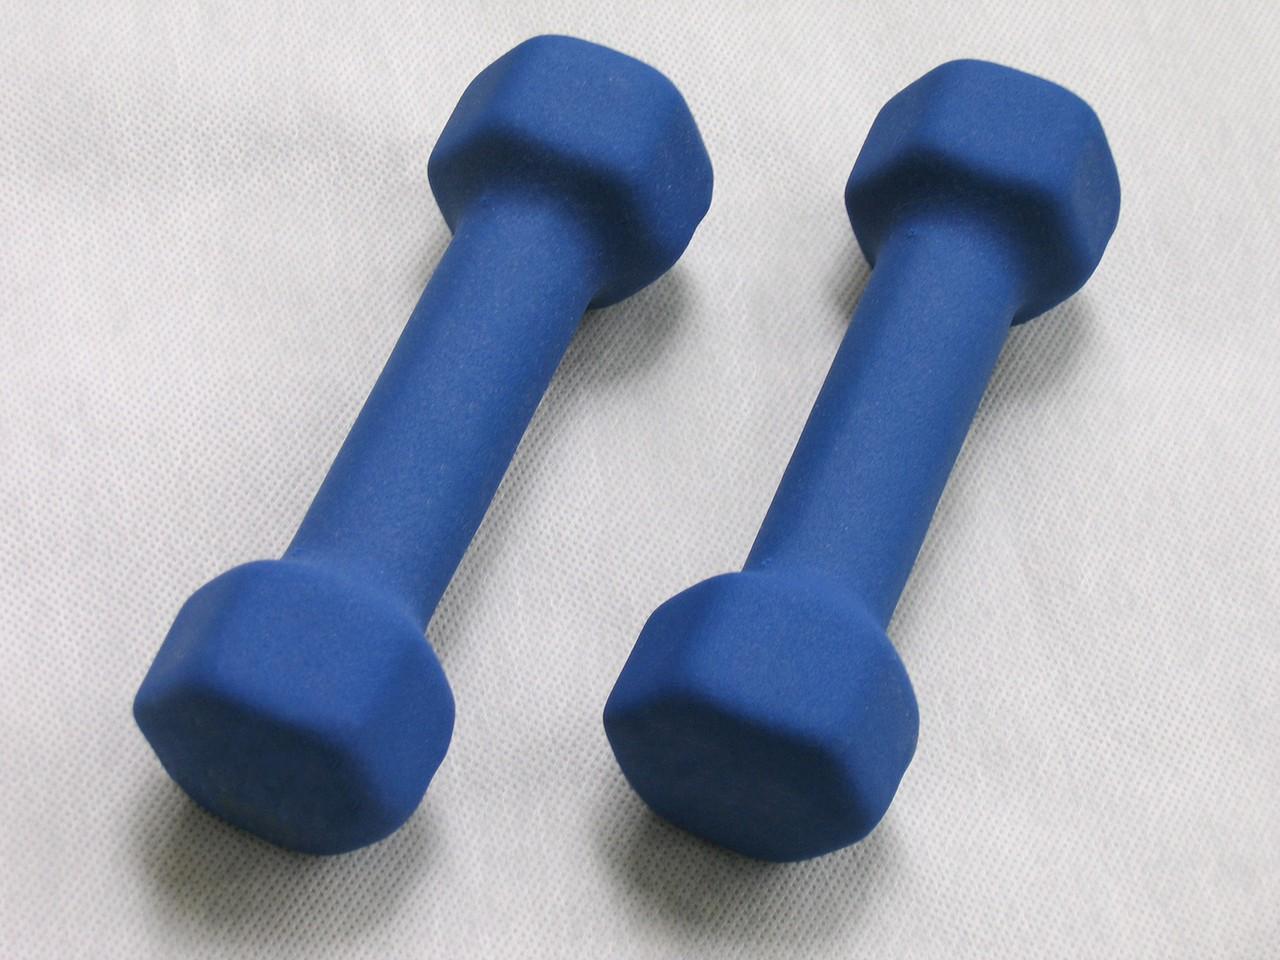 Ile razy w tygodniu powinno się ćwiczyć, żeby mieć piękne ciało?